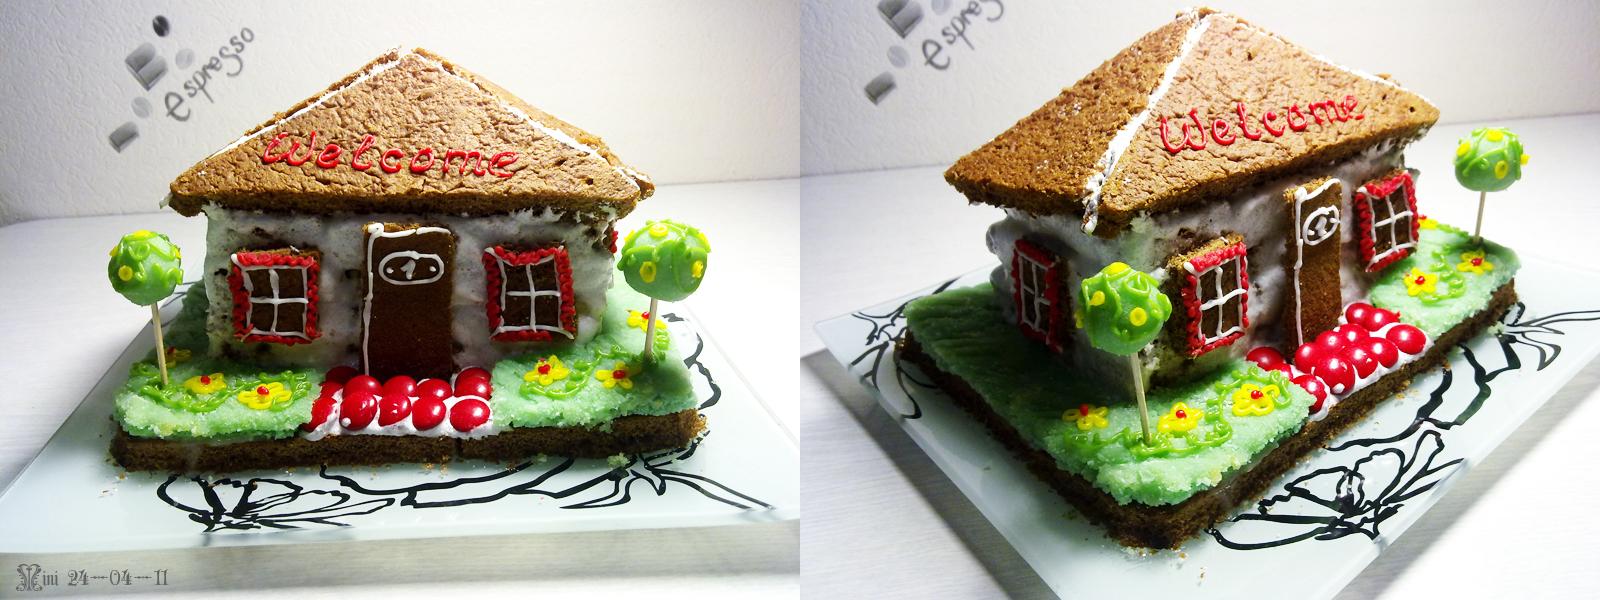 Торт дом как его сделать 614